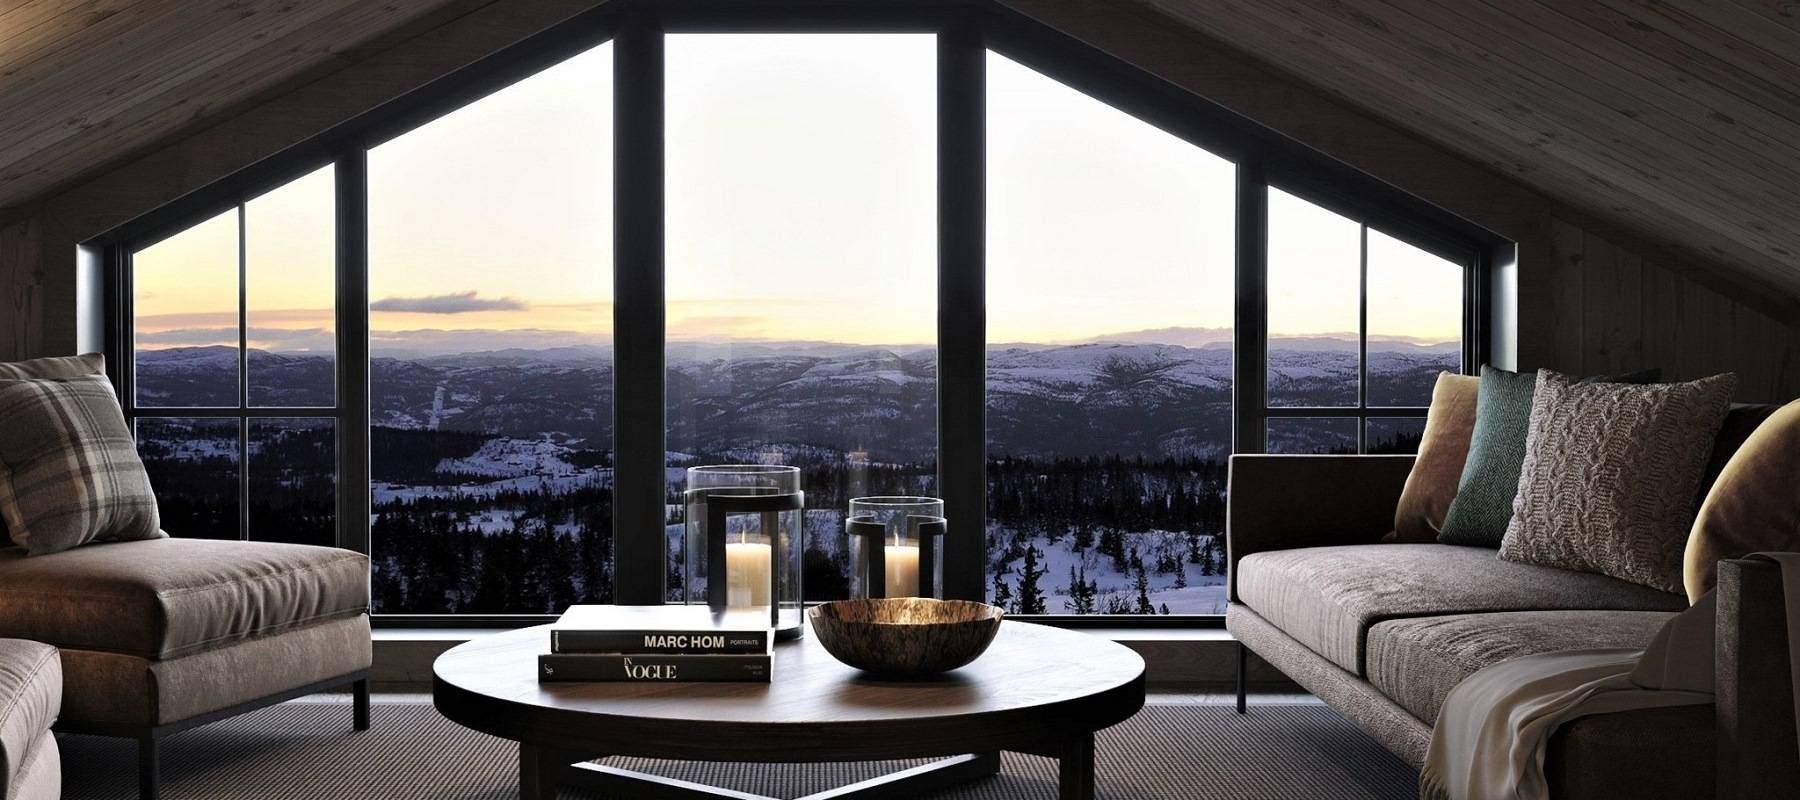 72 Geilo 155. Stua på hemsen med panoramautsyn fra den vide vindsflaten på ytterveggen.